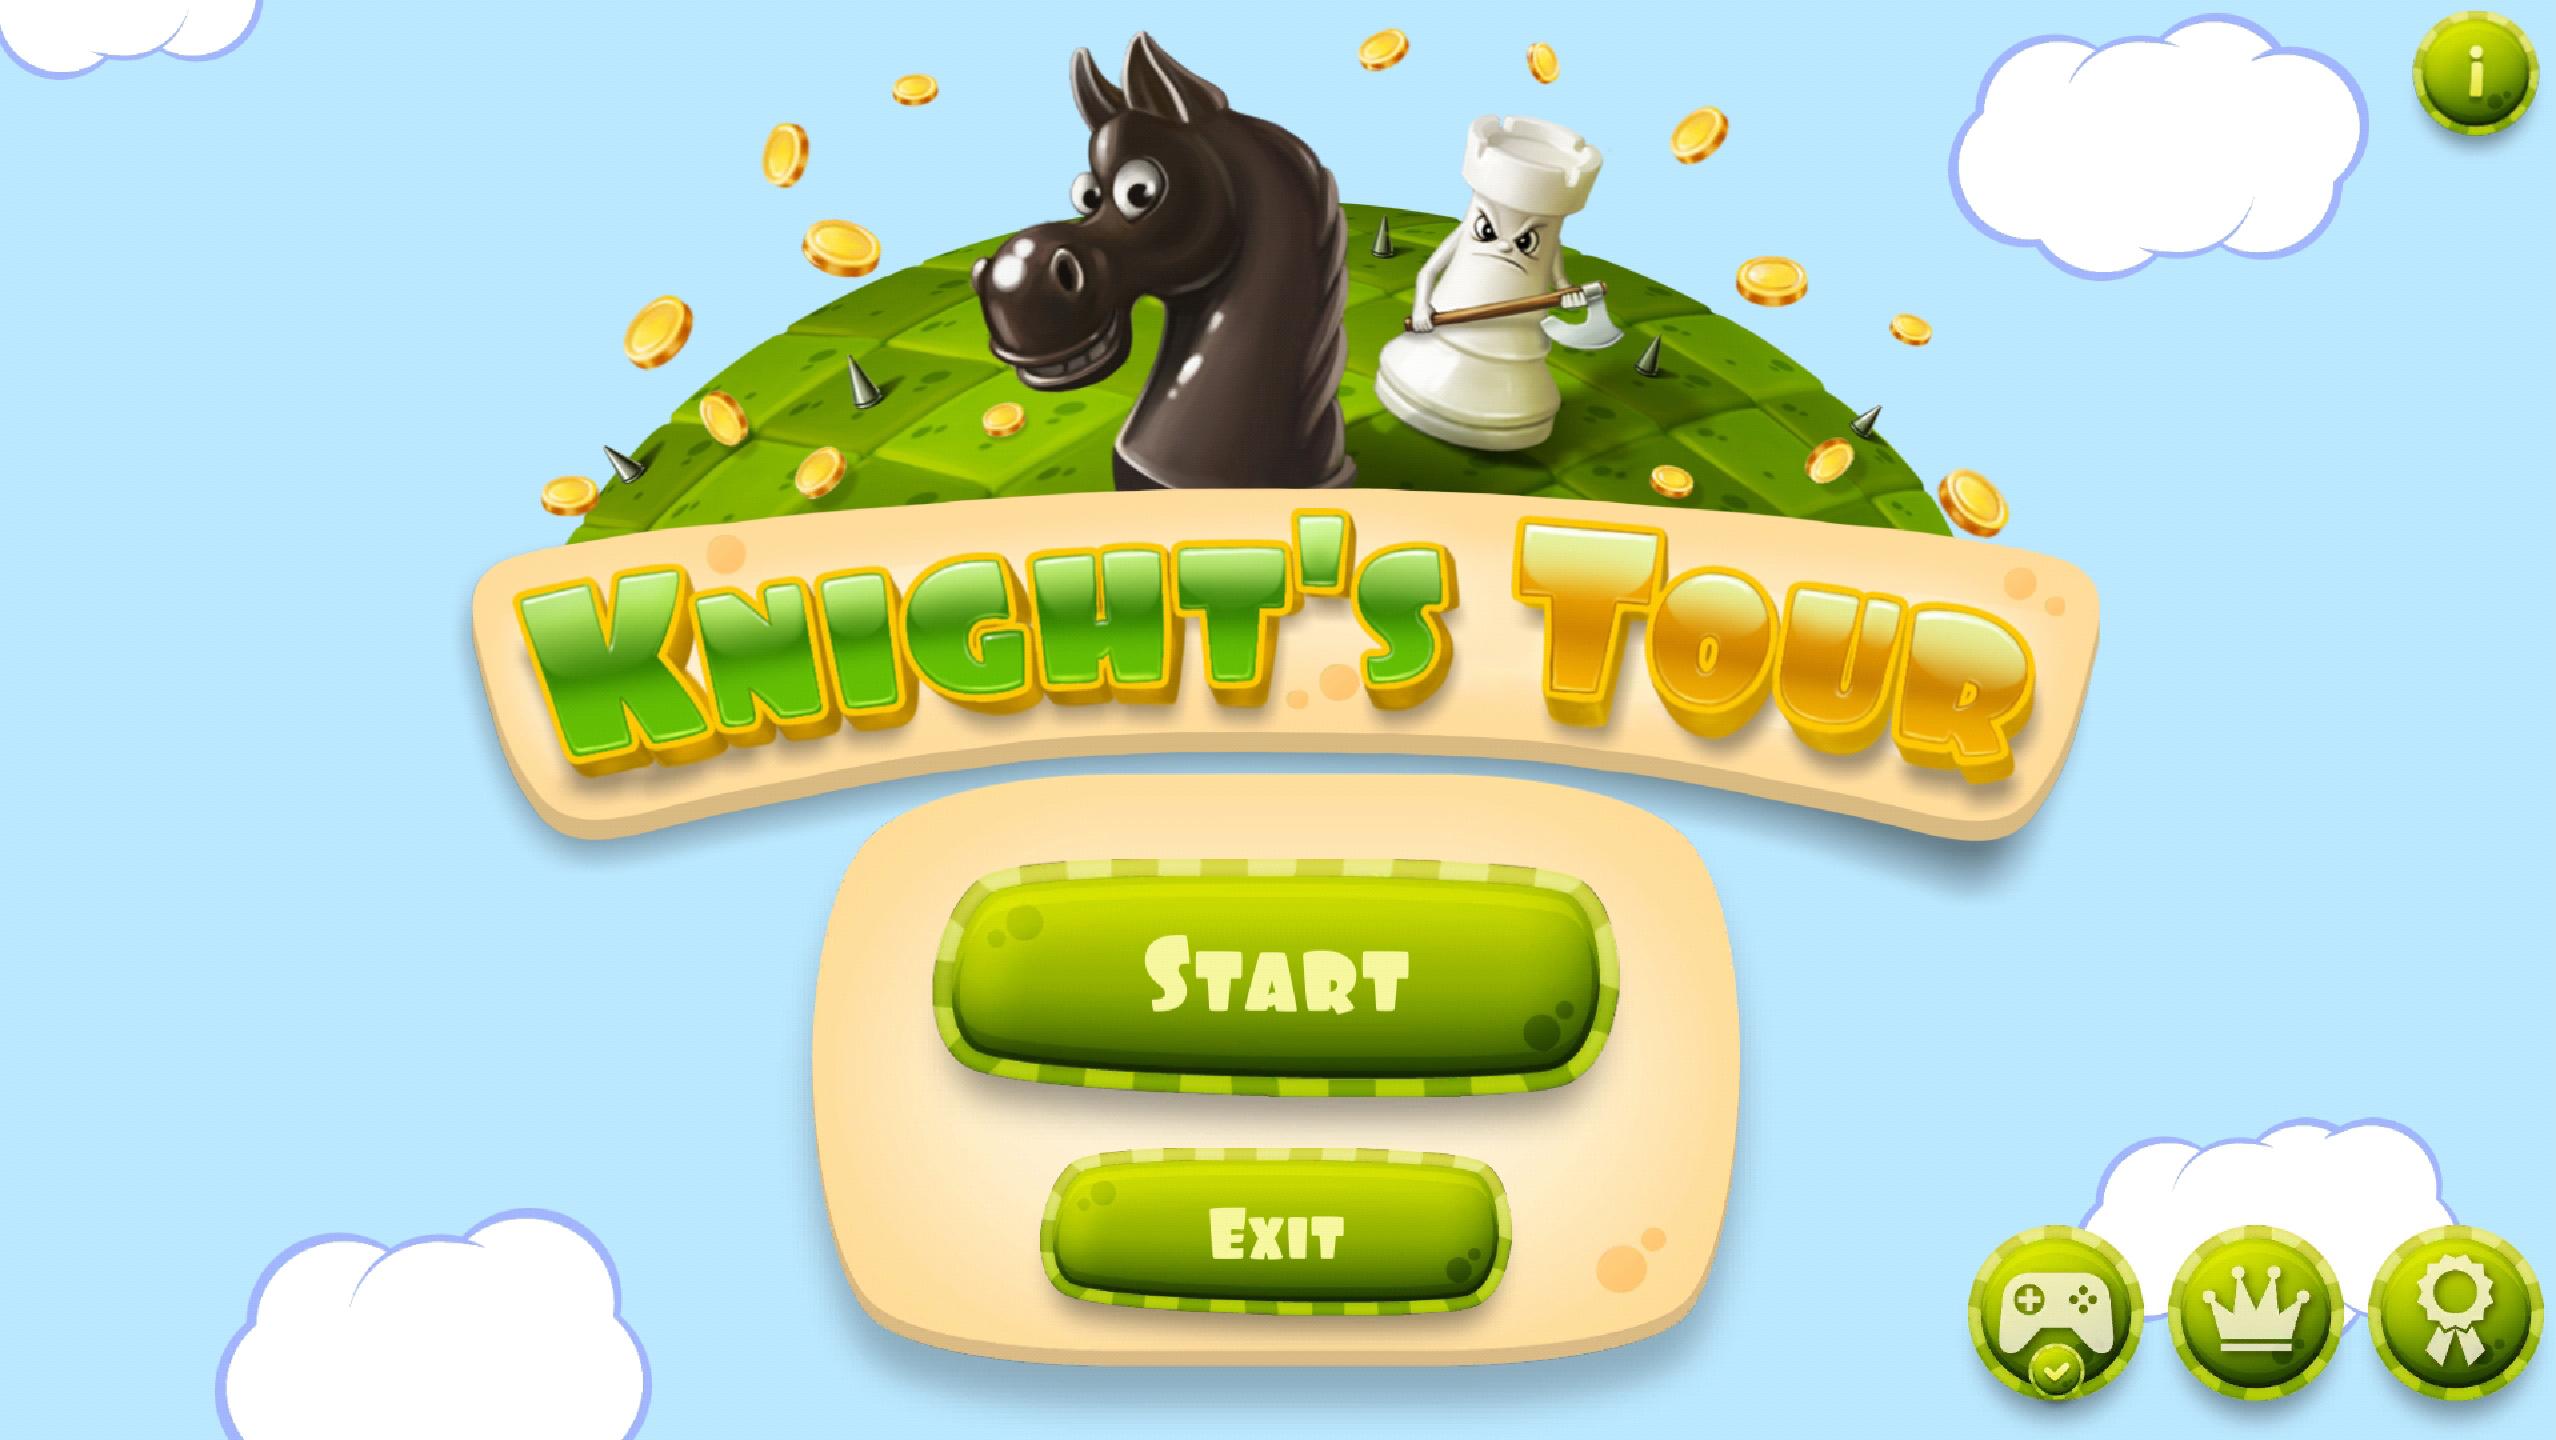 Strona tytułowa gry (screenshot)